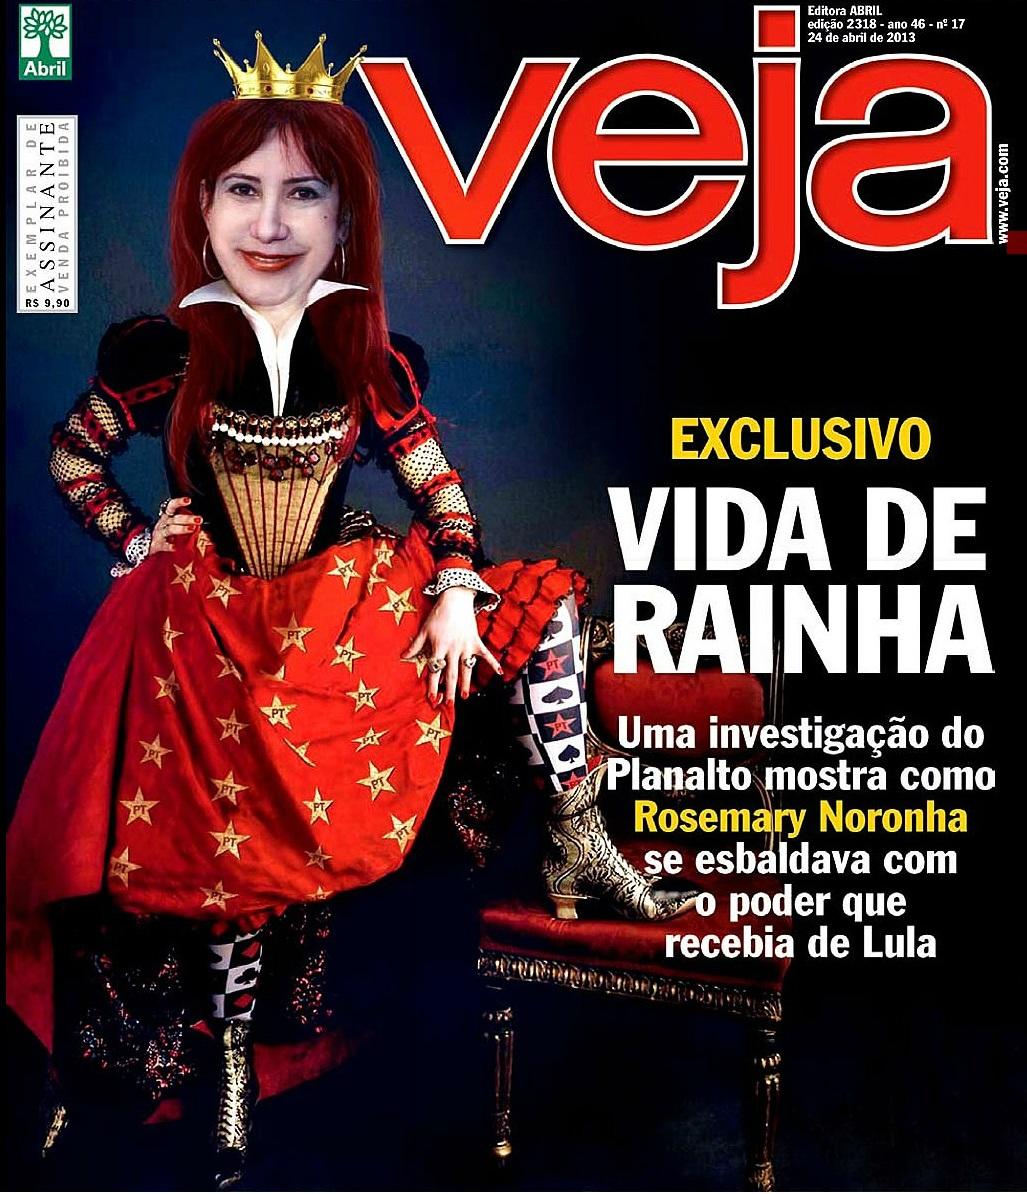 Casa Livre de obstáculos - Veja 2013.04.29 capa